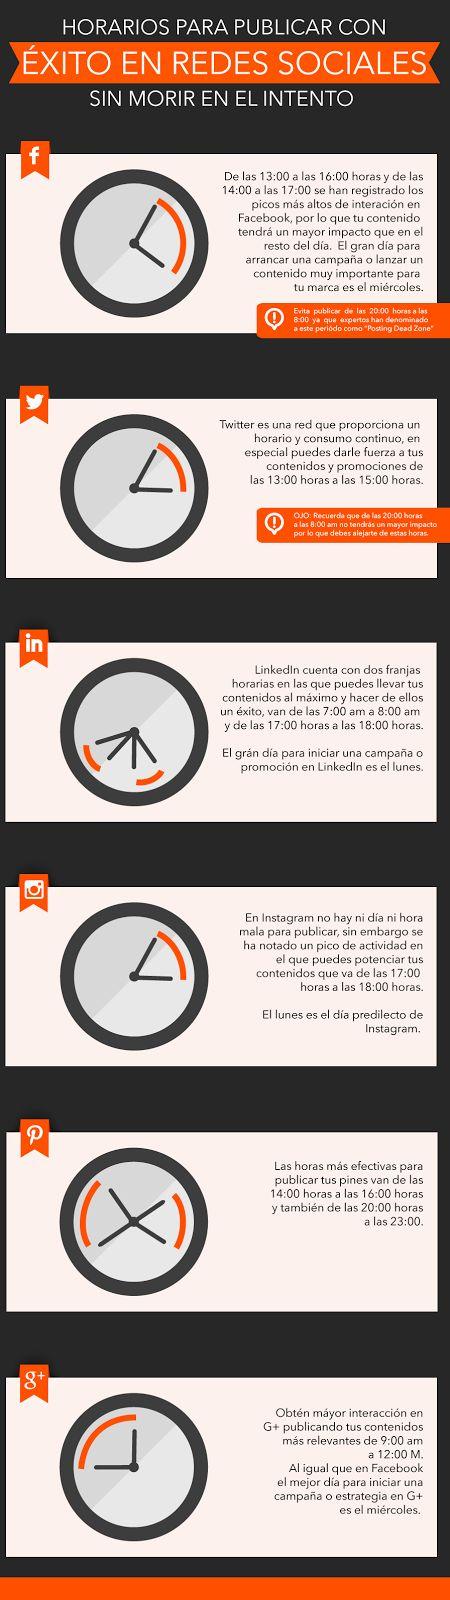 JUST PEOPLE CONSULTING by adriana ceraso: Horarios para publicar en las redes sociales